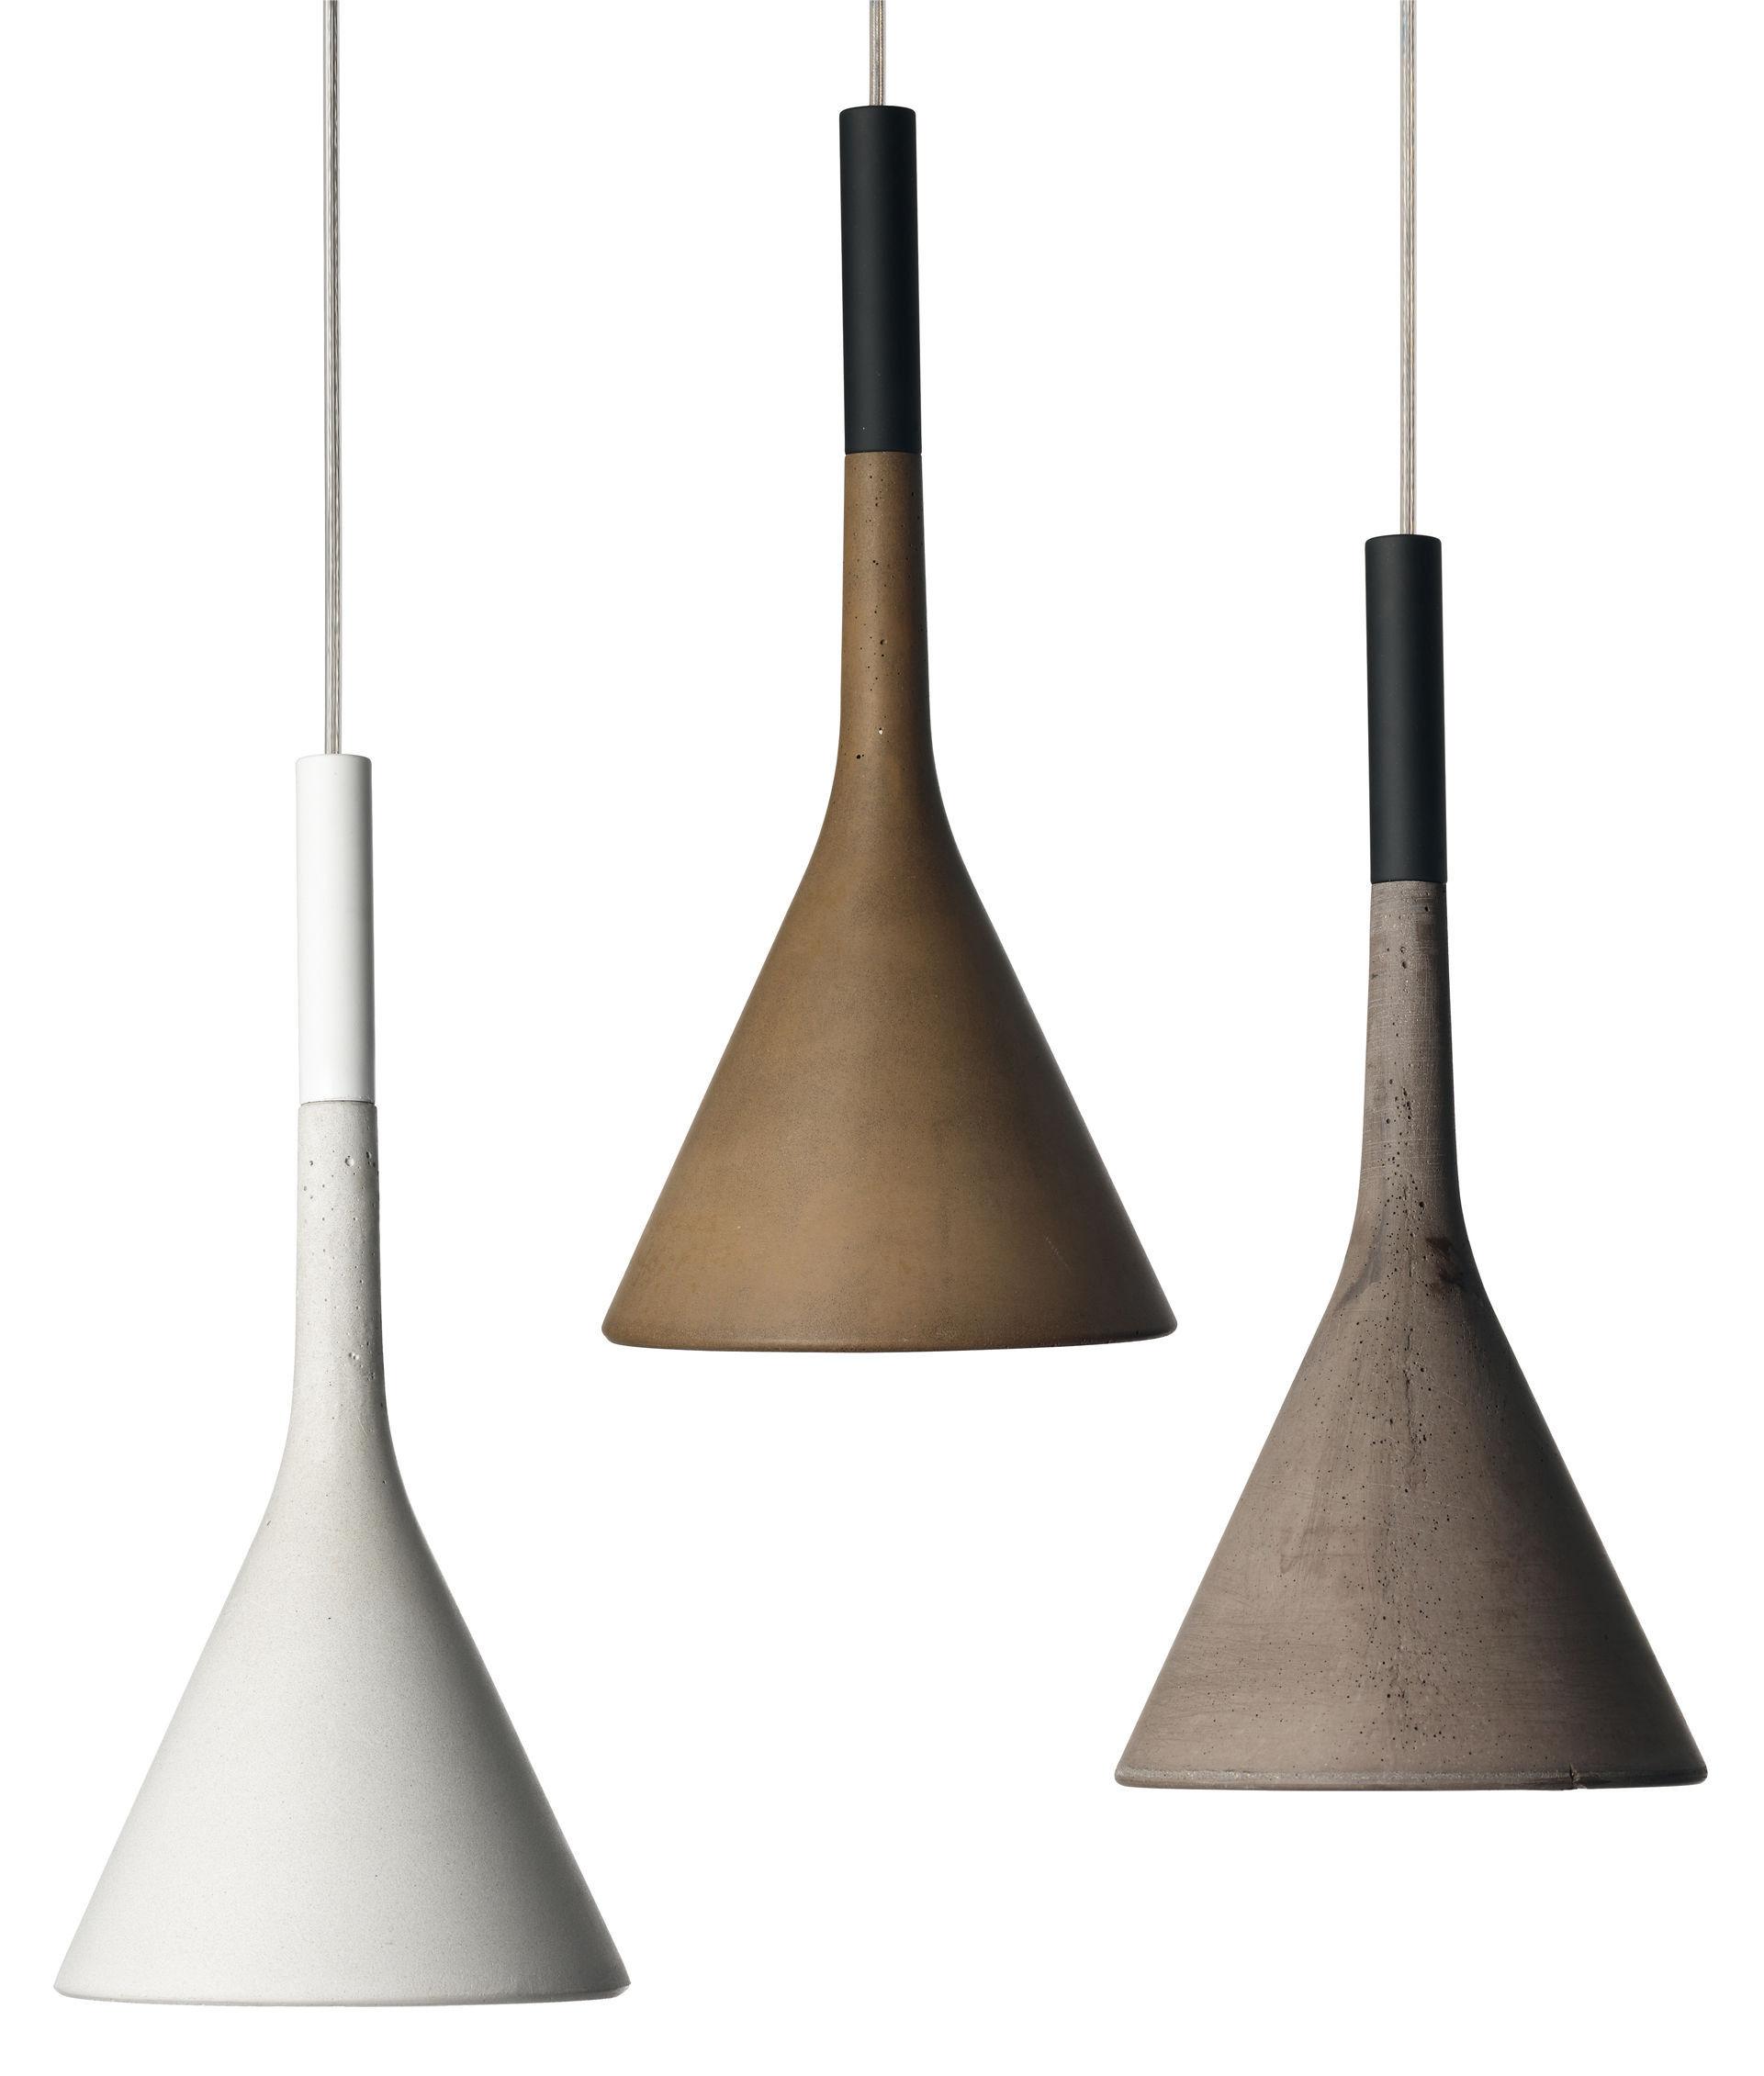 scopri sospensione aplomb led grigio cemento di foscarini. Black Bedroom Furniture Sets. Home Design Ideas